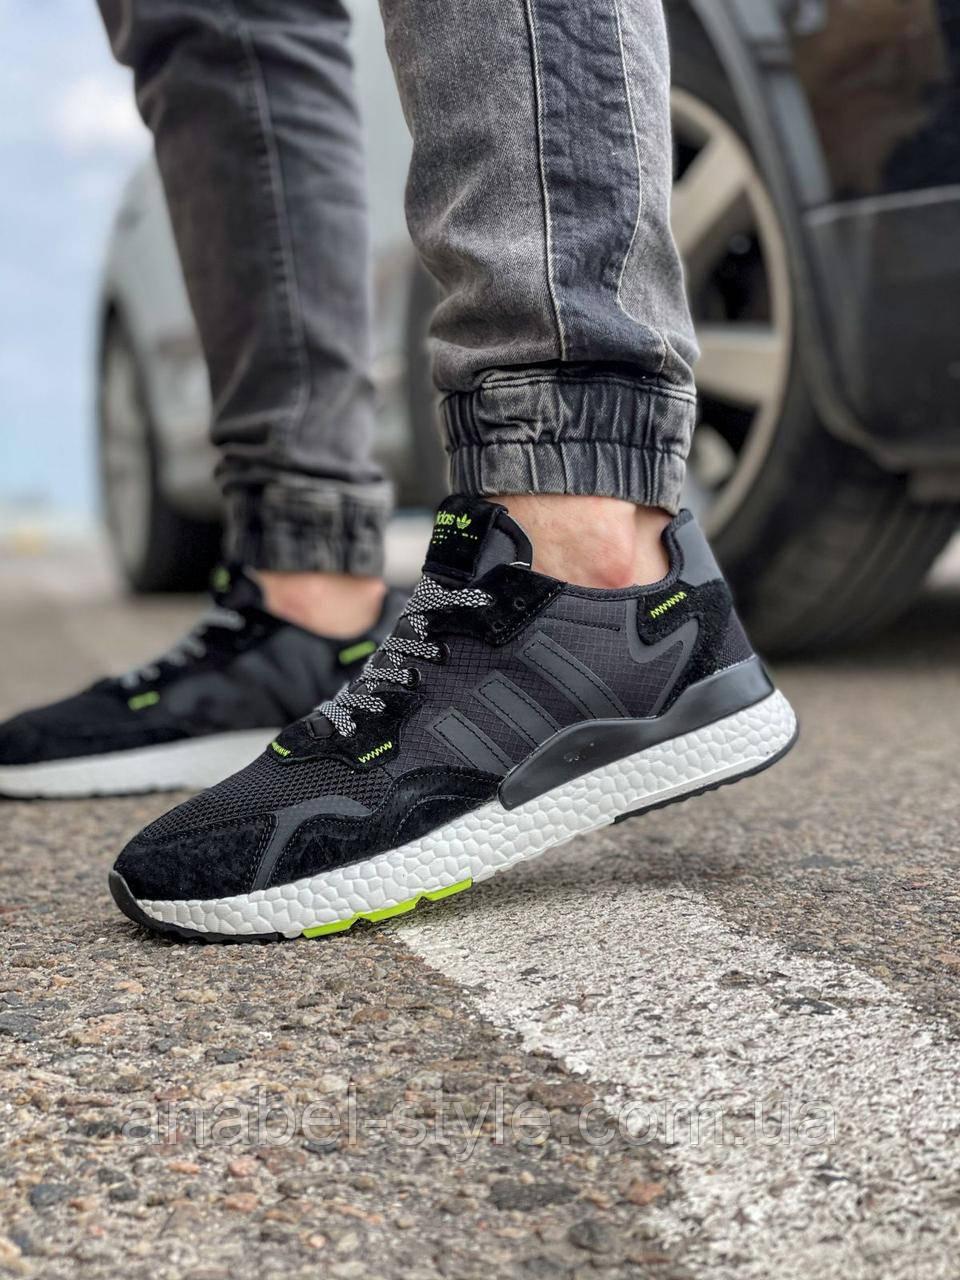 Кроссовки мужские 17298, Adidas Nite Jogger Boost 3M, черные, [ 41 42 43 44 46 ] р. 41-25,2см. 44